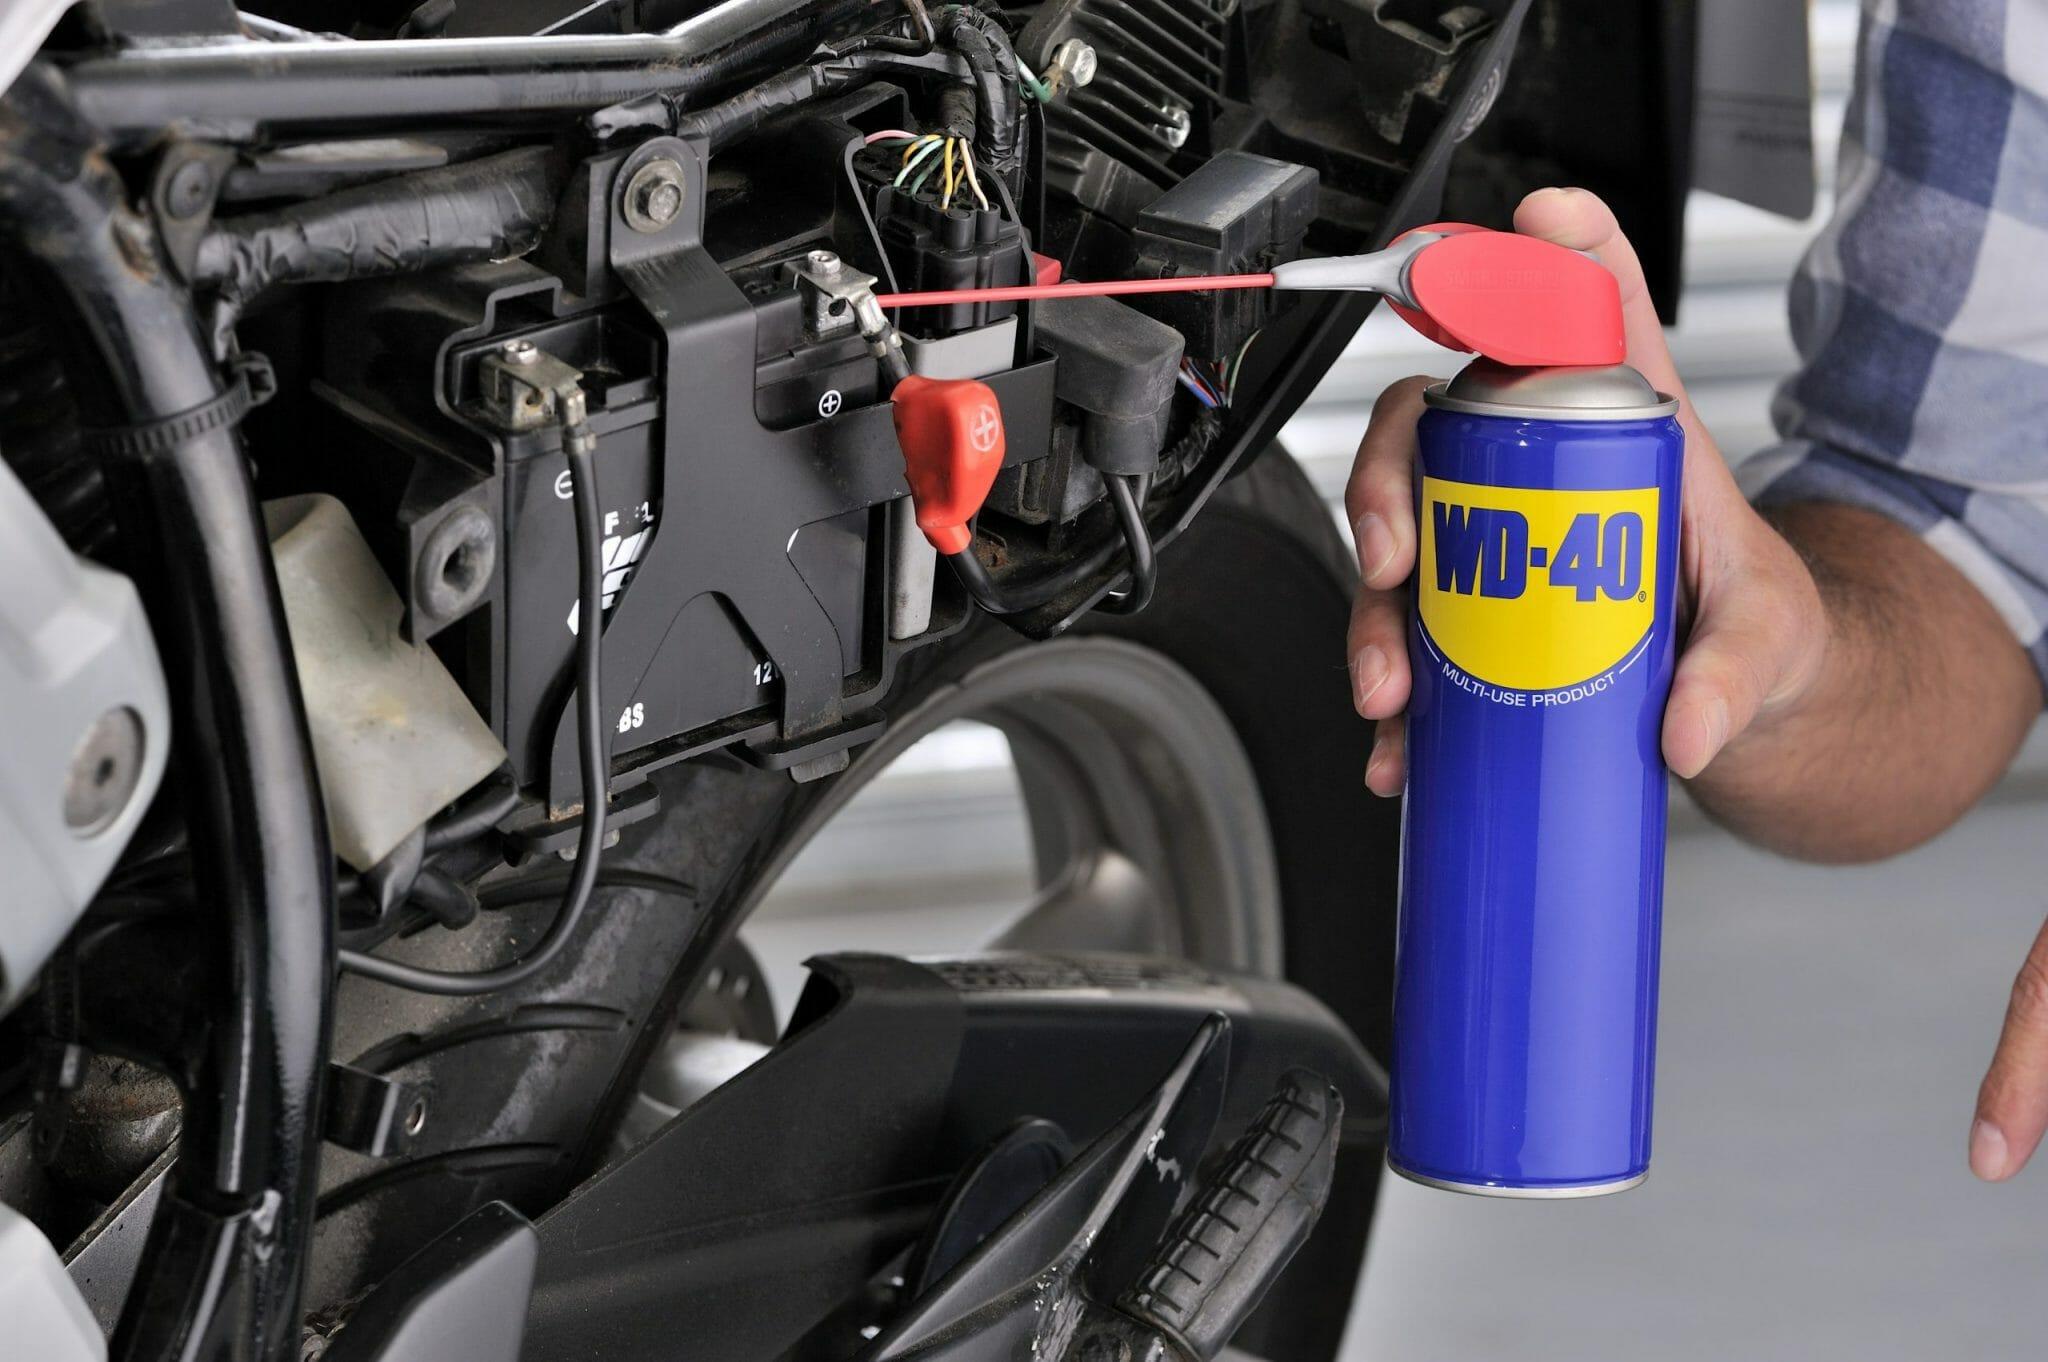 Mantenimiento de una moto: La batería